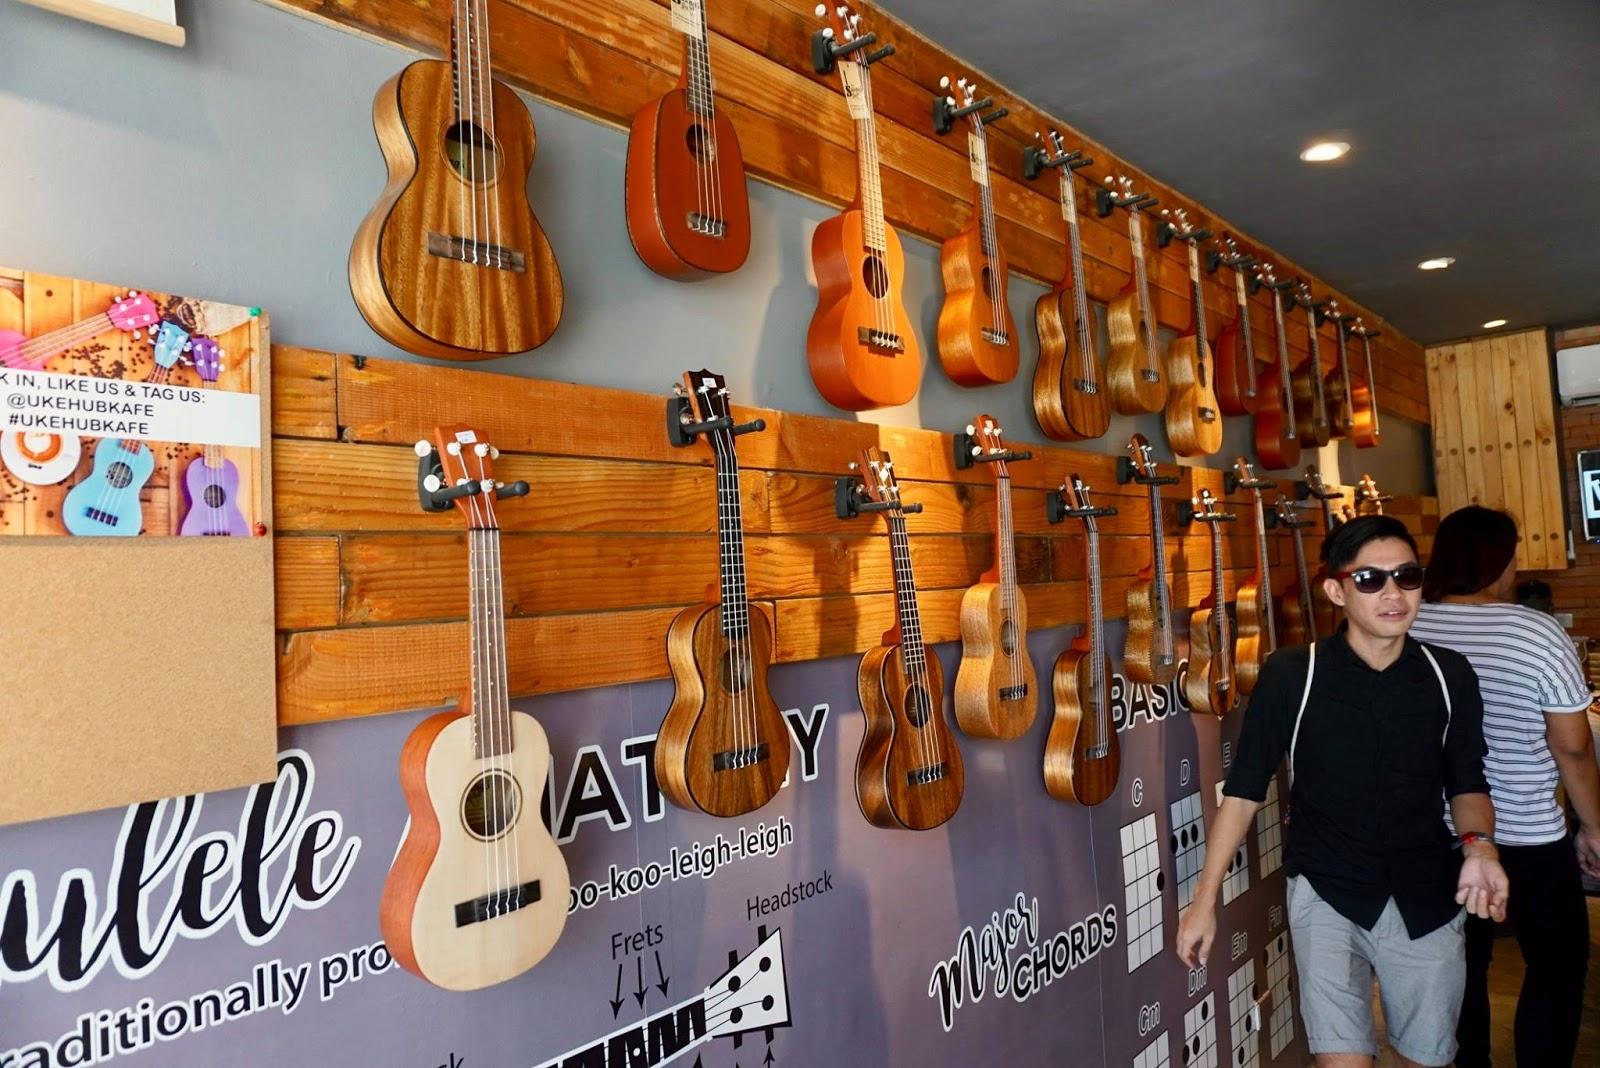 experience ukulele coffee and travel at ukehub kafe wonderful cebu